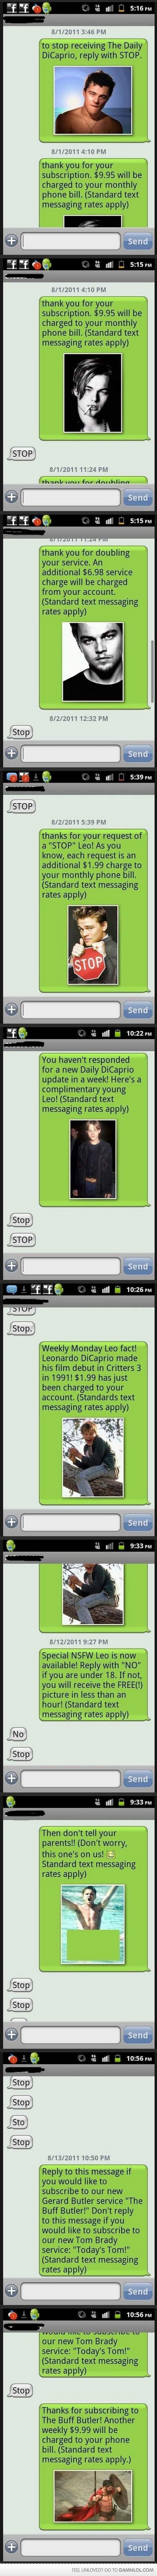 dicaprio text prank